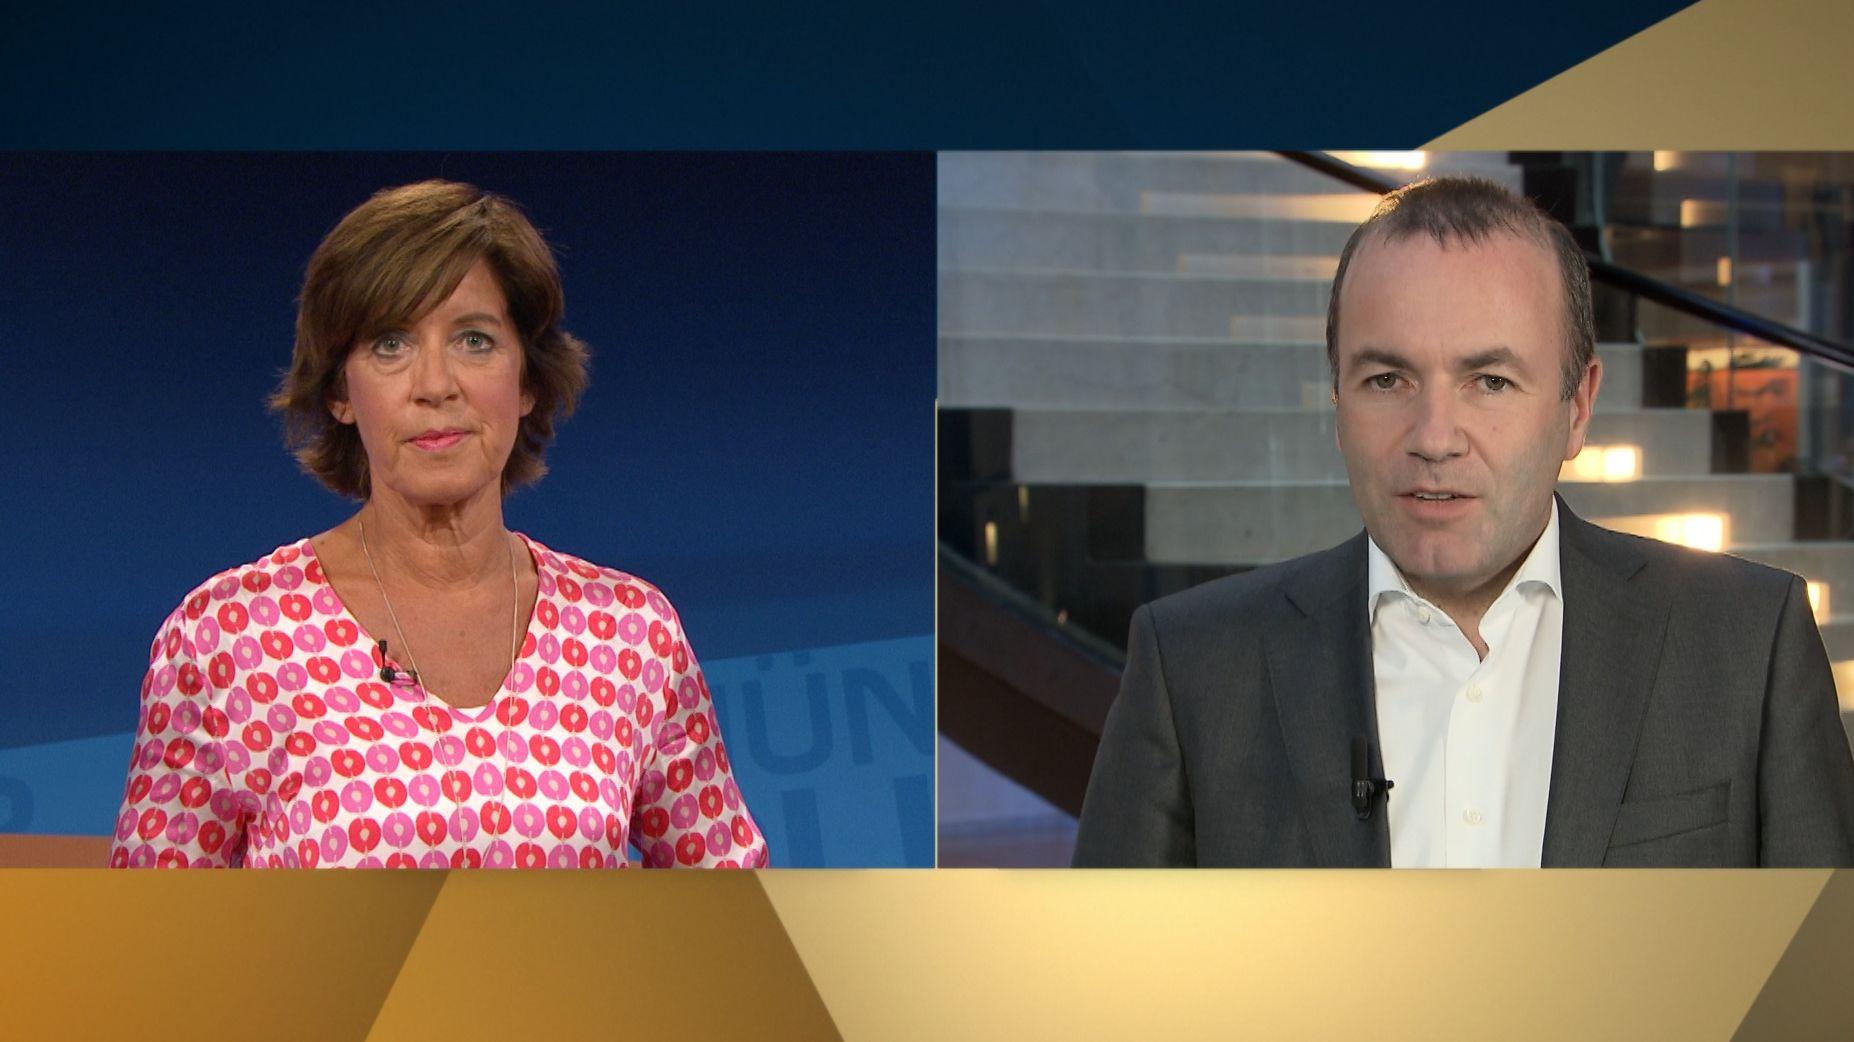 Ursula Heller und Manfred Weber in der Münchner Runde